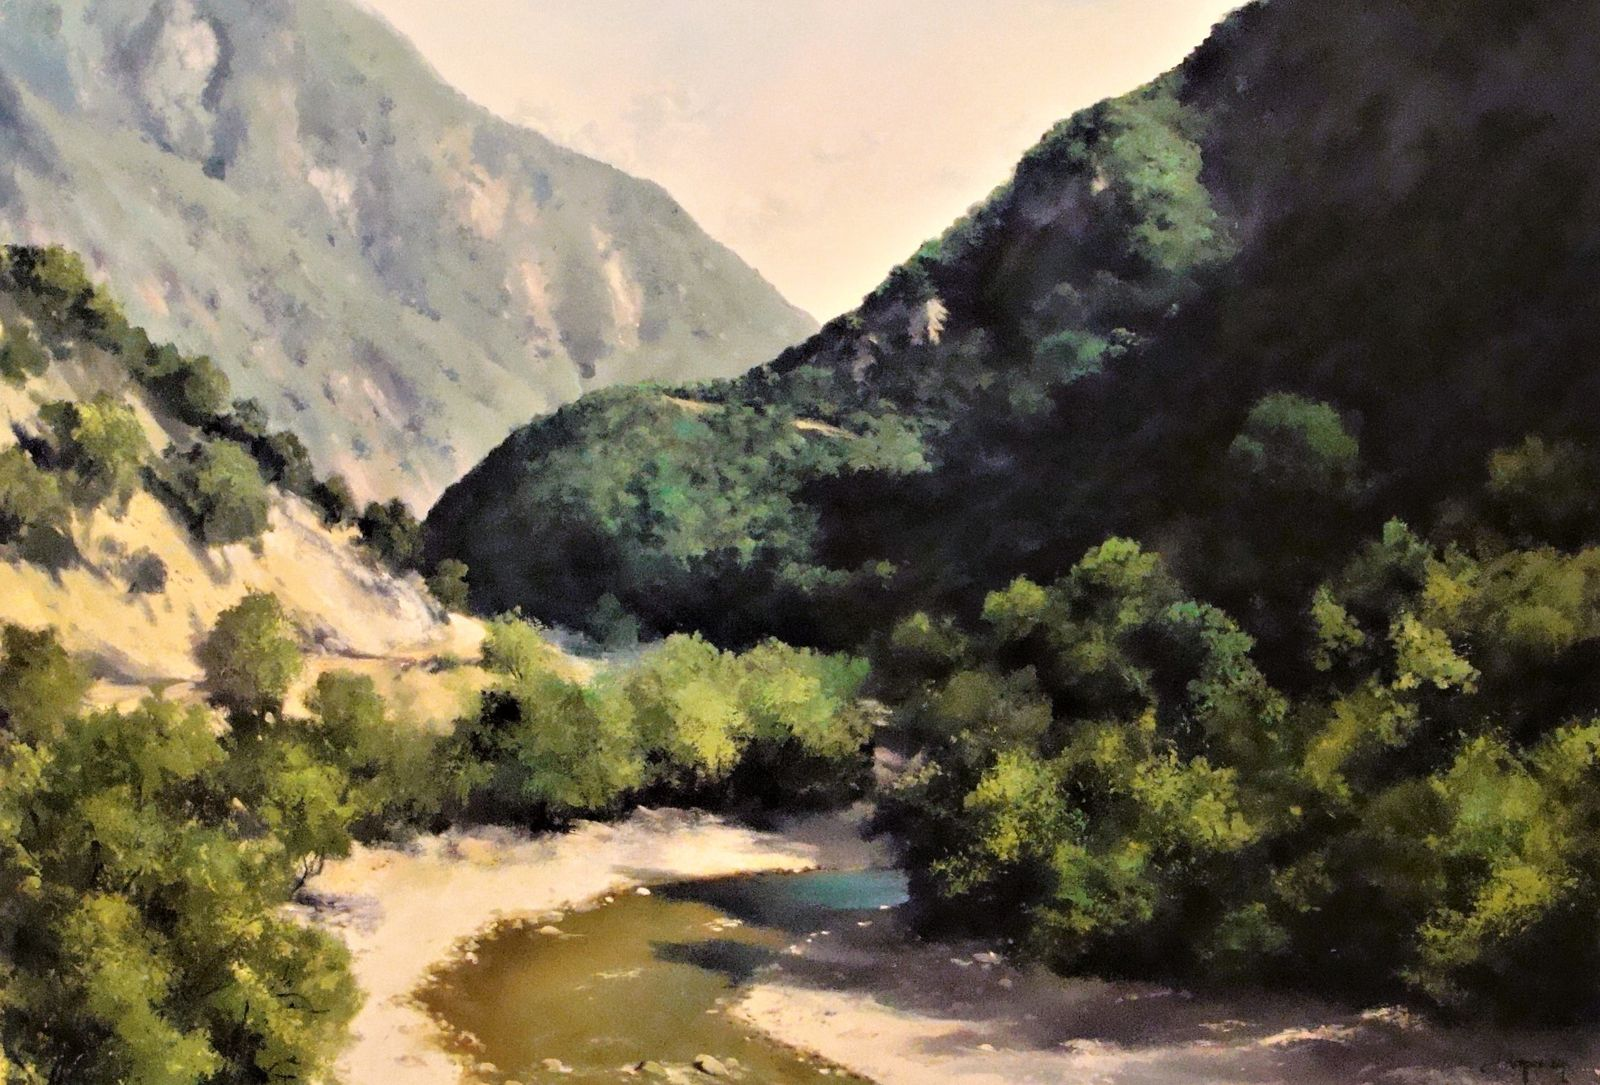 Δημήτρης Ασπρογιάννης 70×100 εκ. Λάδι σε καμβά Dimitris Asprogiannis 70×100 cm Oils on canvas